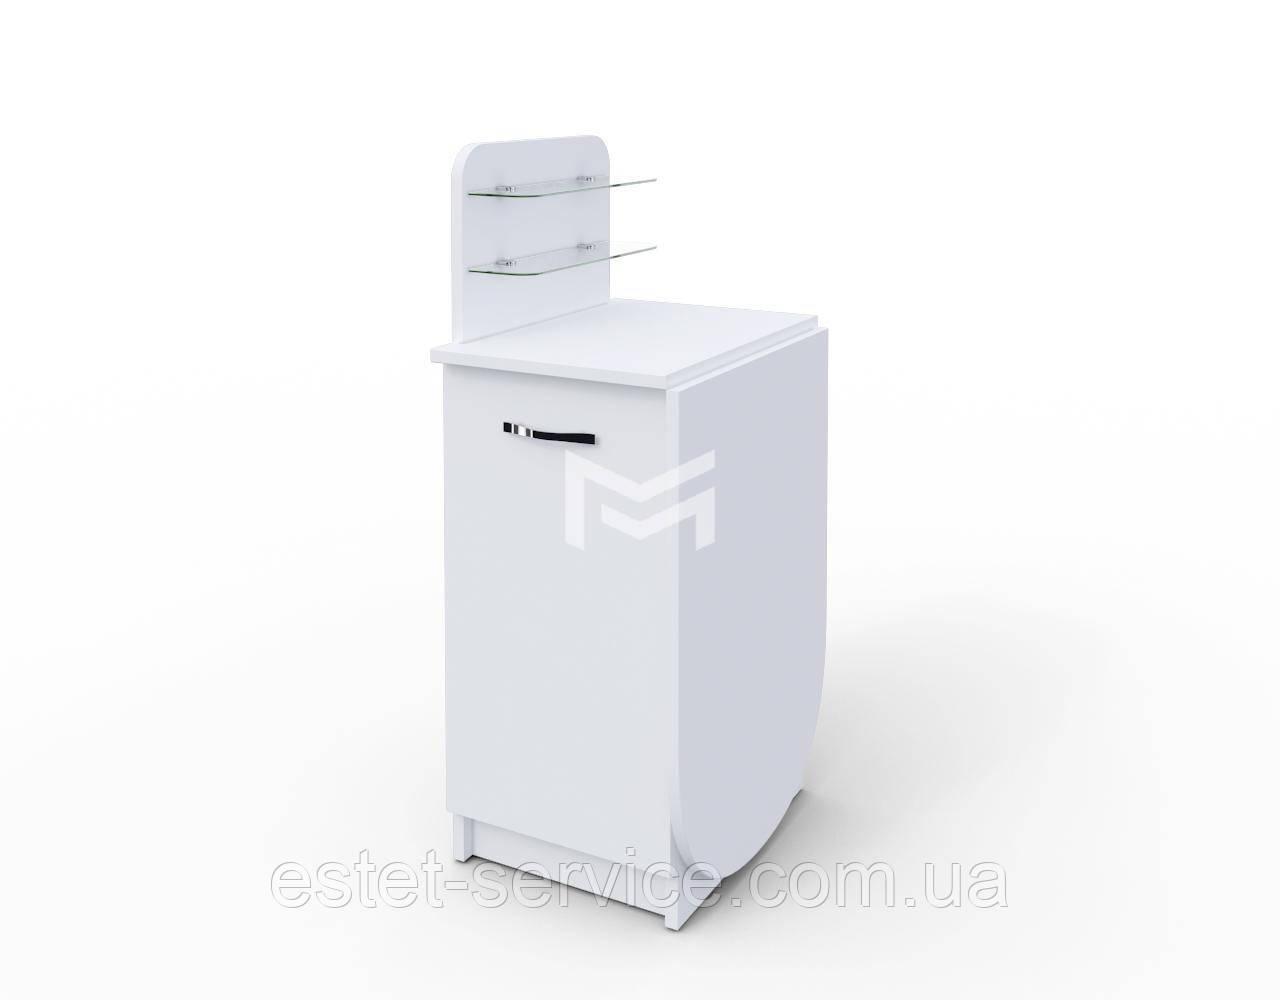 Раскладной стол для маникюра Практик компакт в белом цвете М105 К